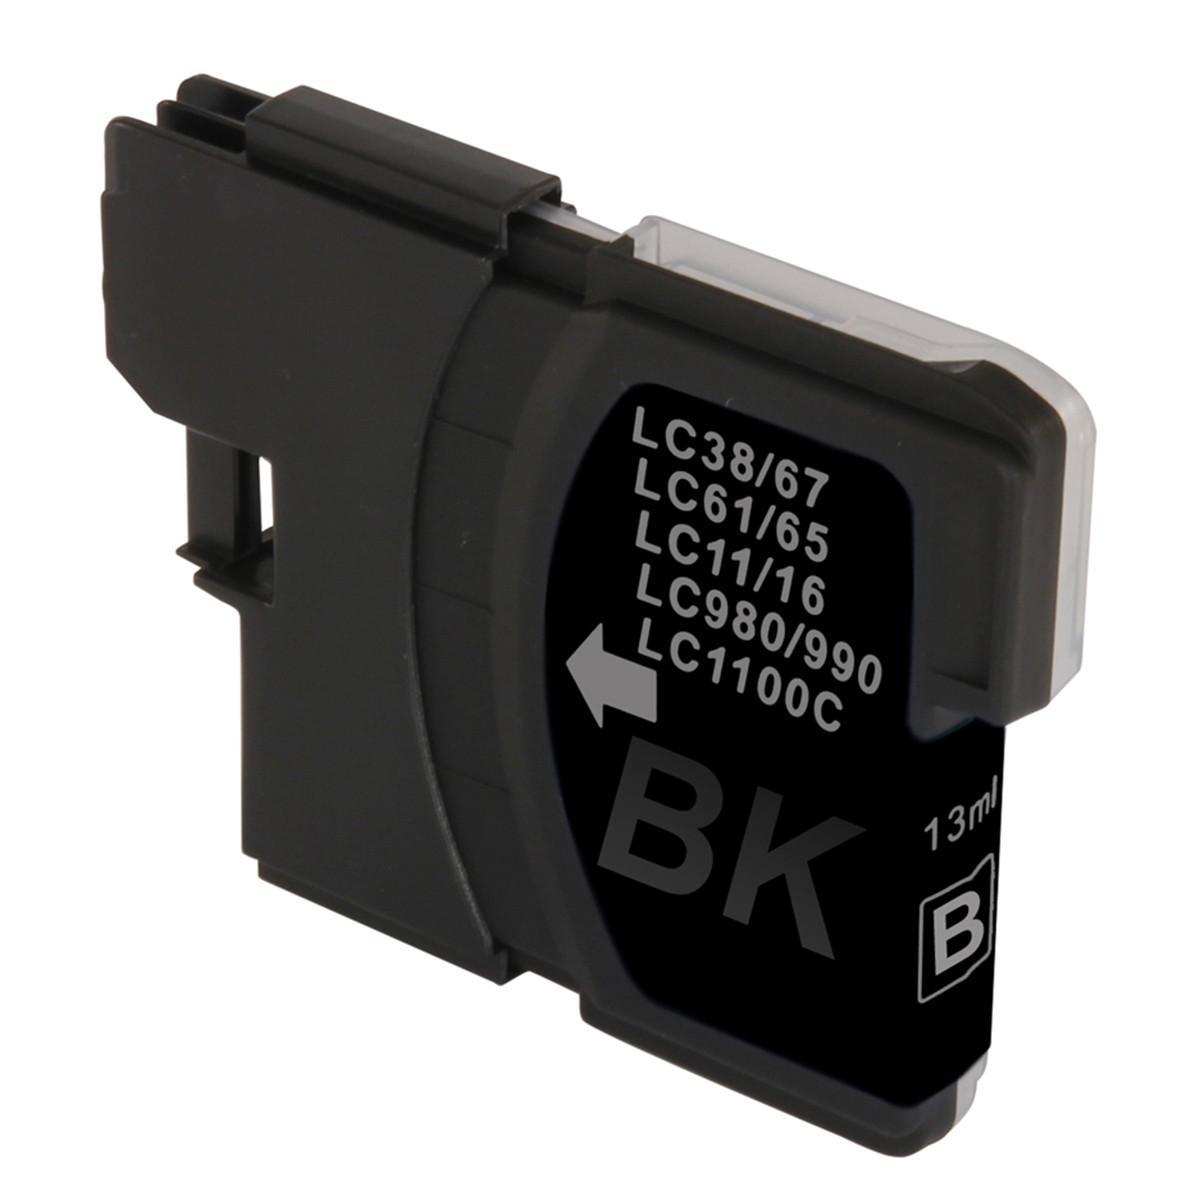 Cartucho de Tinta Compatível com Brother LC-61BK LC-61 Preto | MFC-250C DCP-6690CW MFC-5490CN 16ml